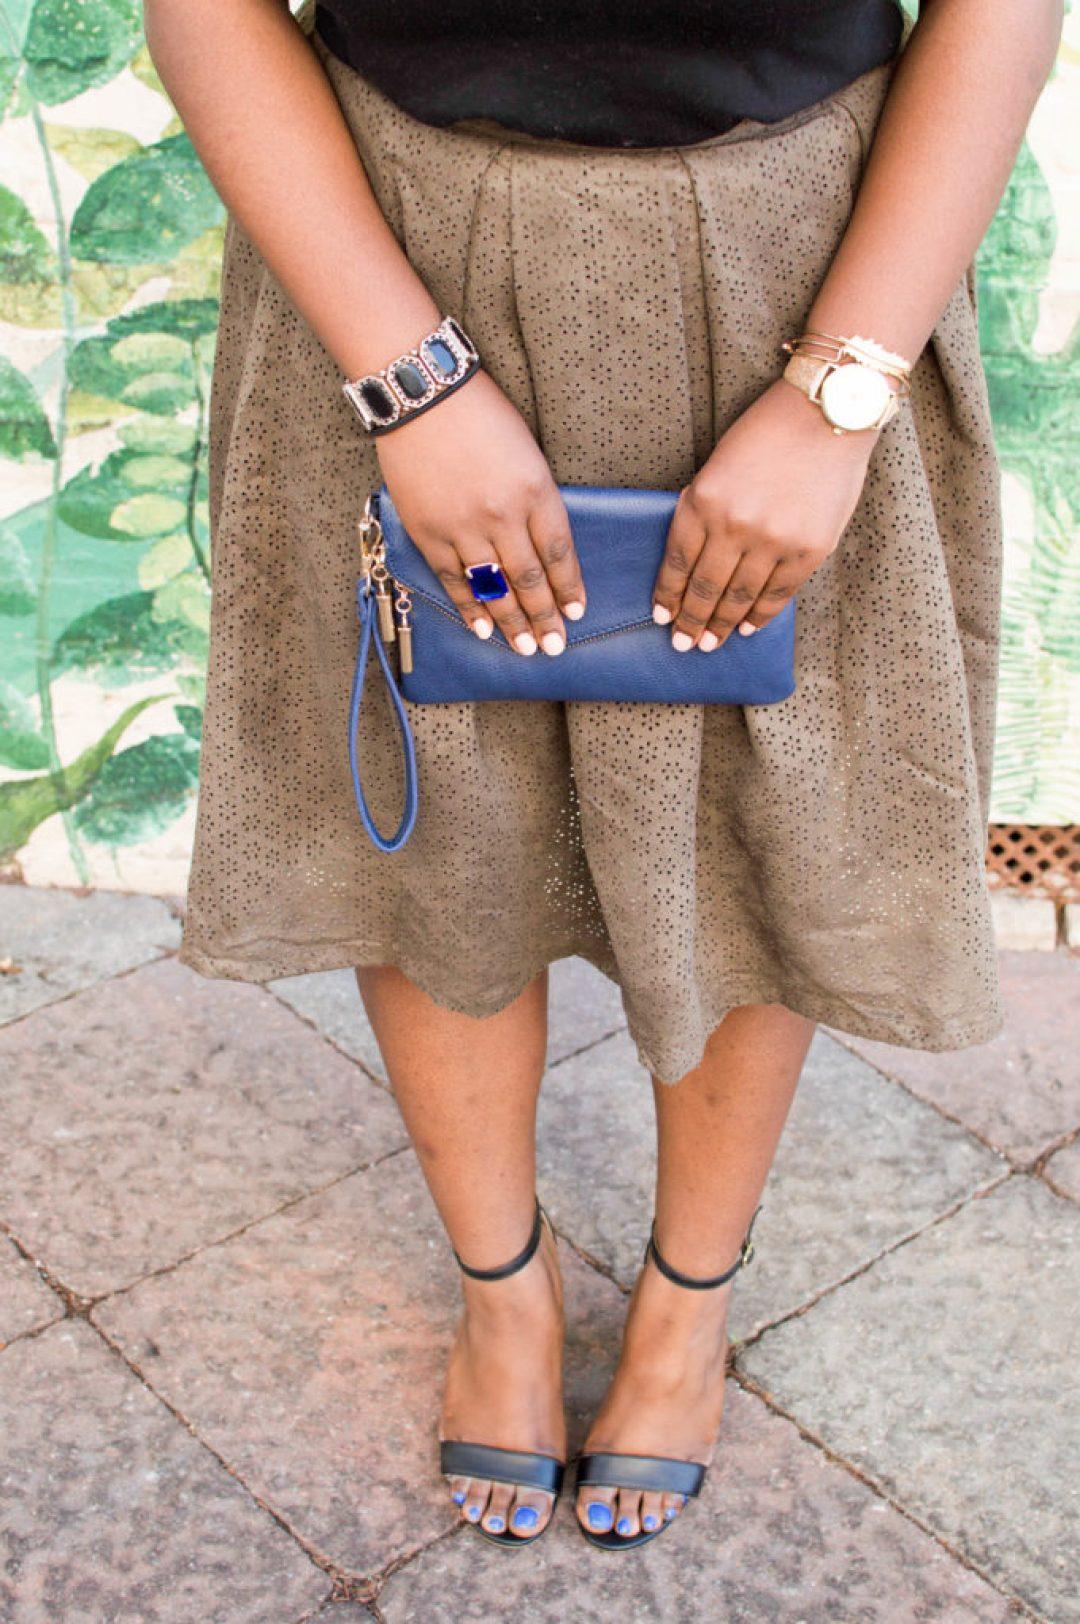 Green skirt + accessories